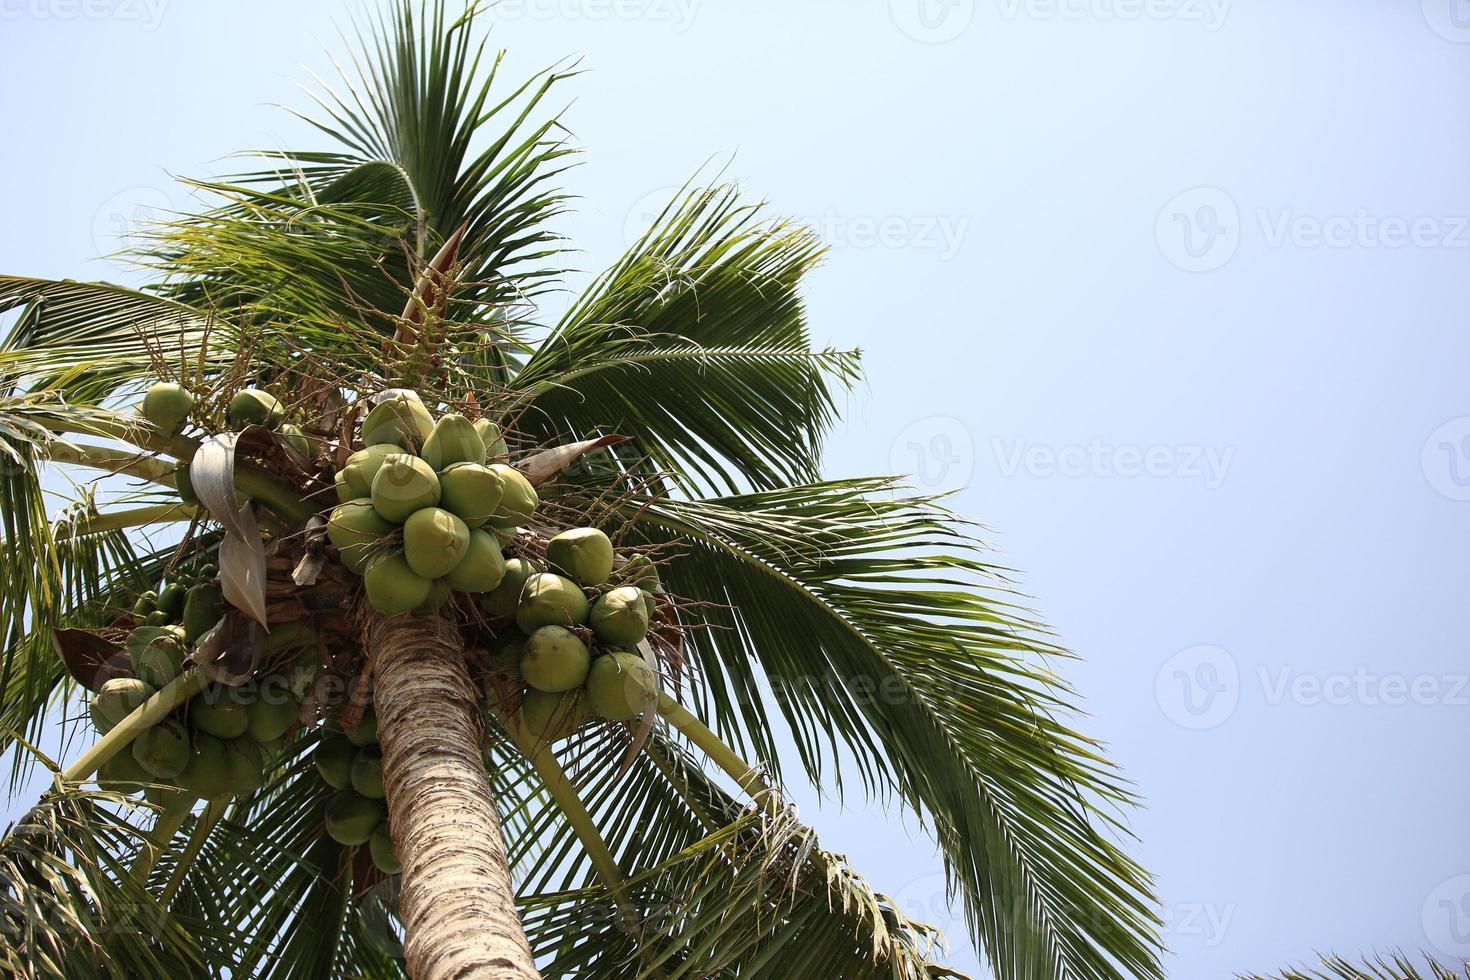 frutos de coco crescem na árvore foto